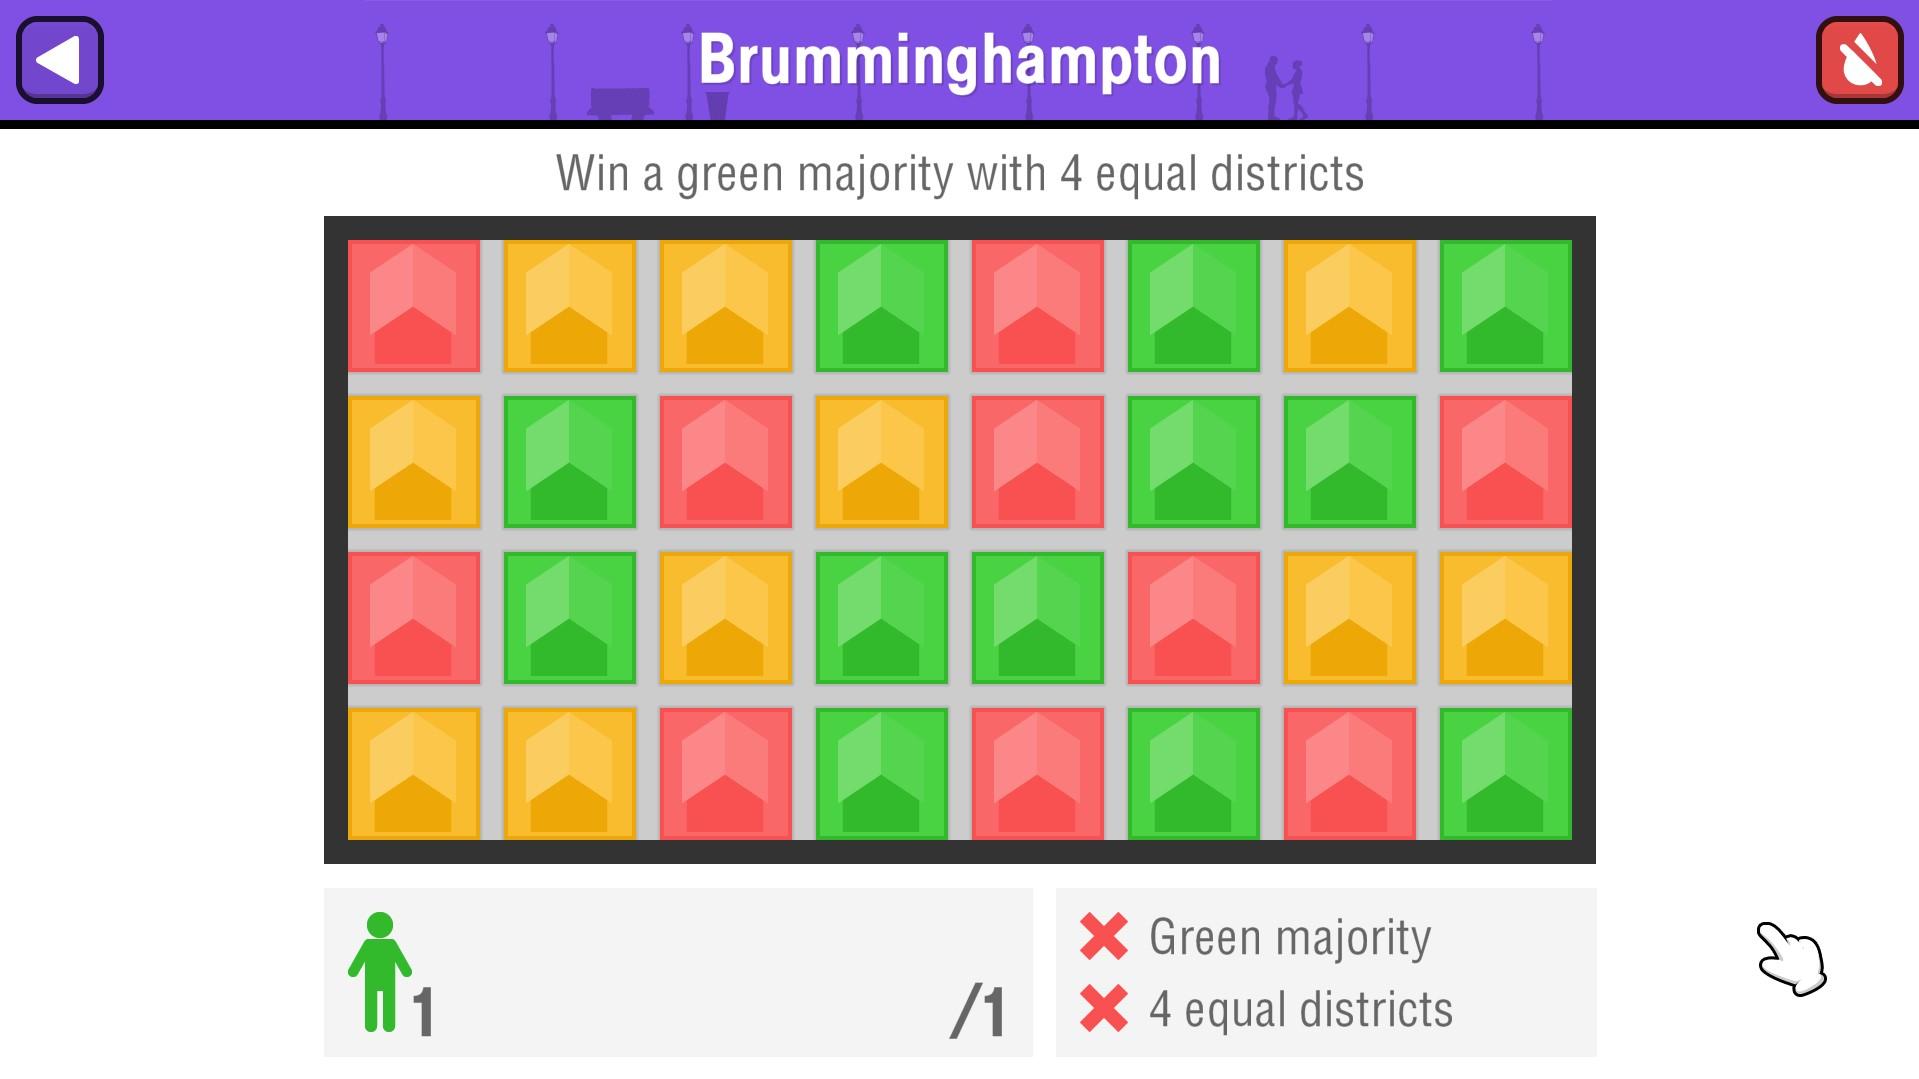 Brumminghampton